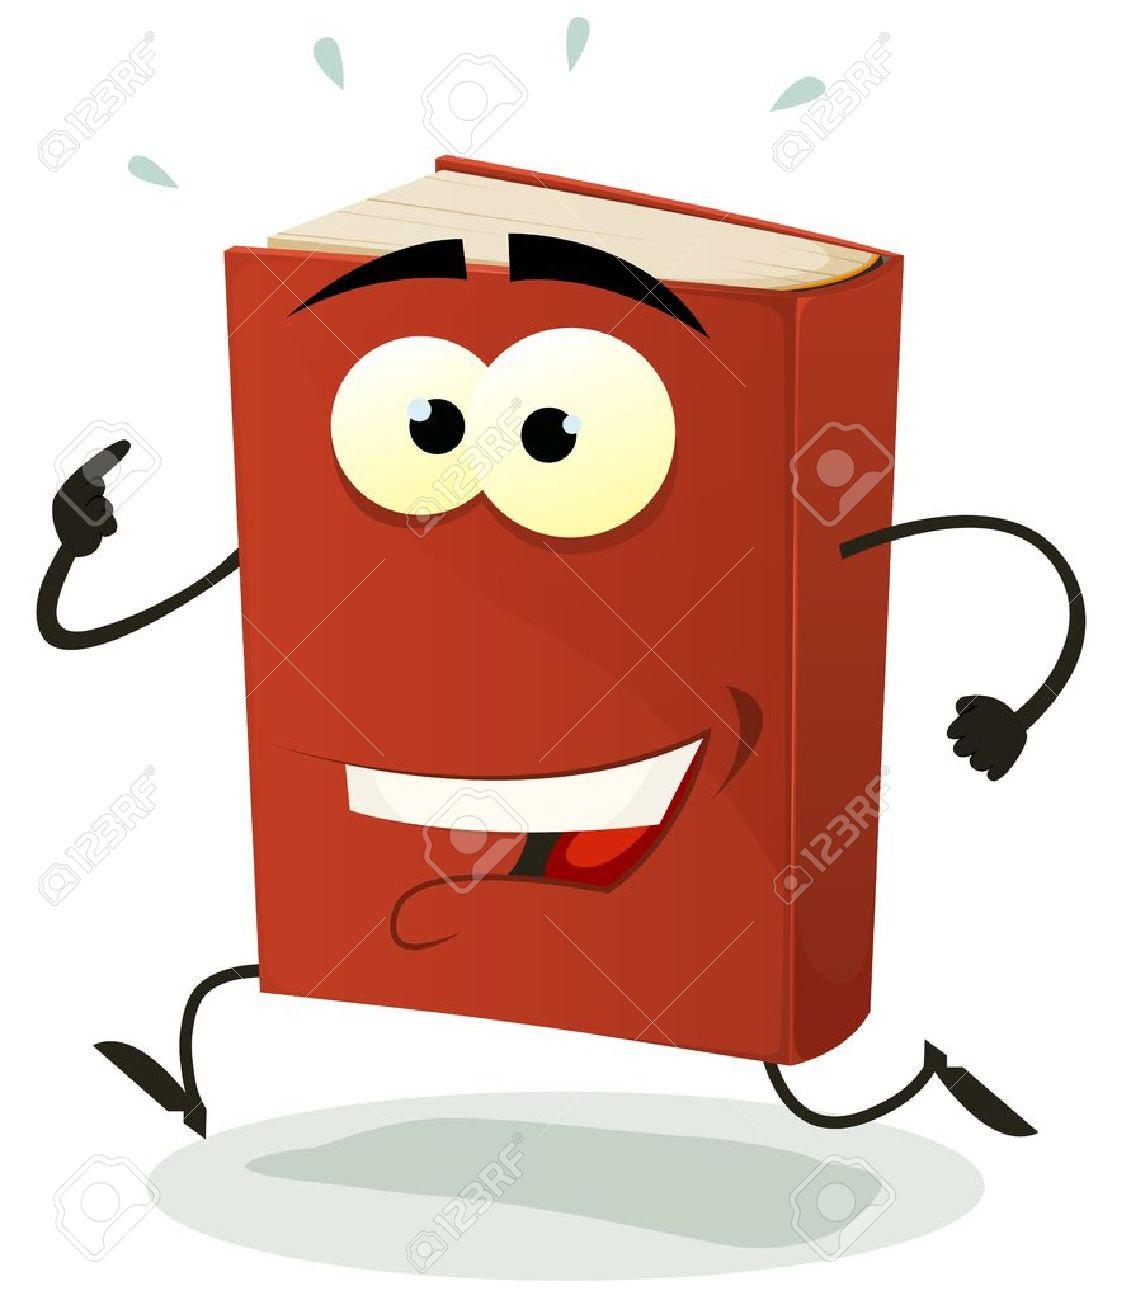 Illustration D Un Personnage De Dessin Anime Livre Rouge Drole Heureux Et En Cours D Execution Isole Sur Fond Blanc